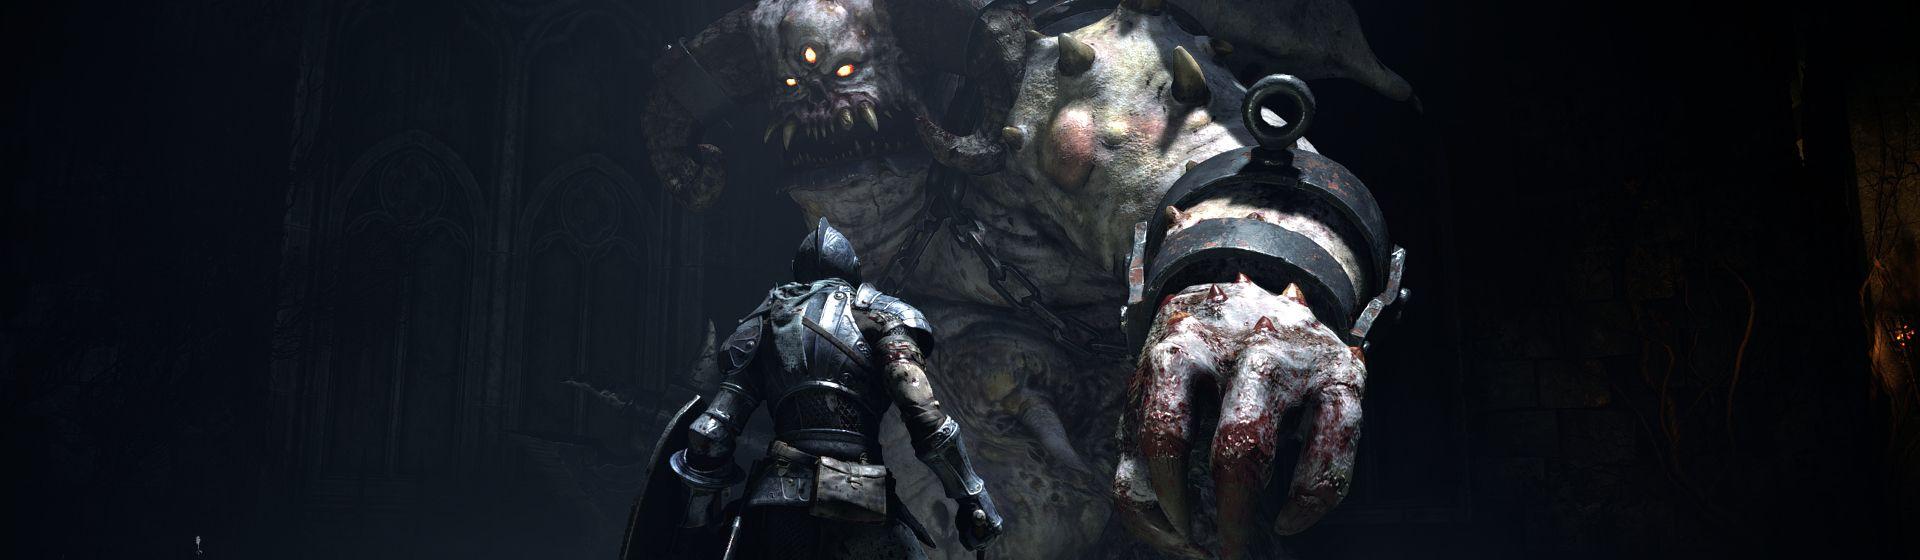 Demon's Souls: Sony confirma exclusividade no PS5